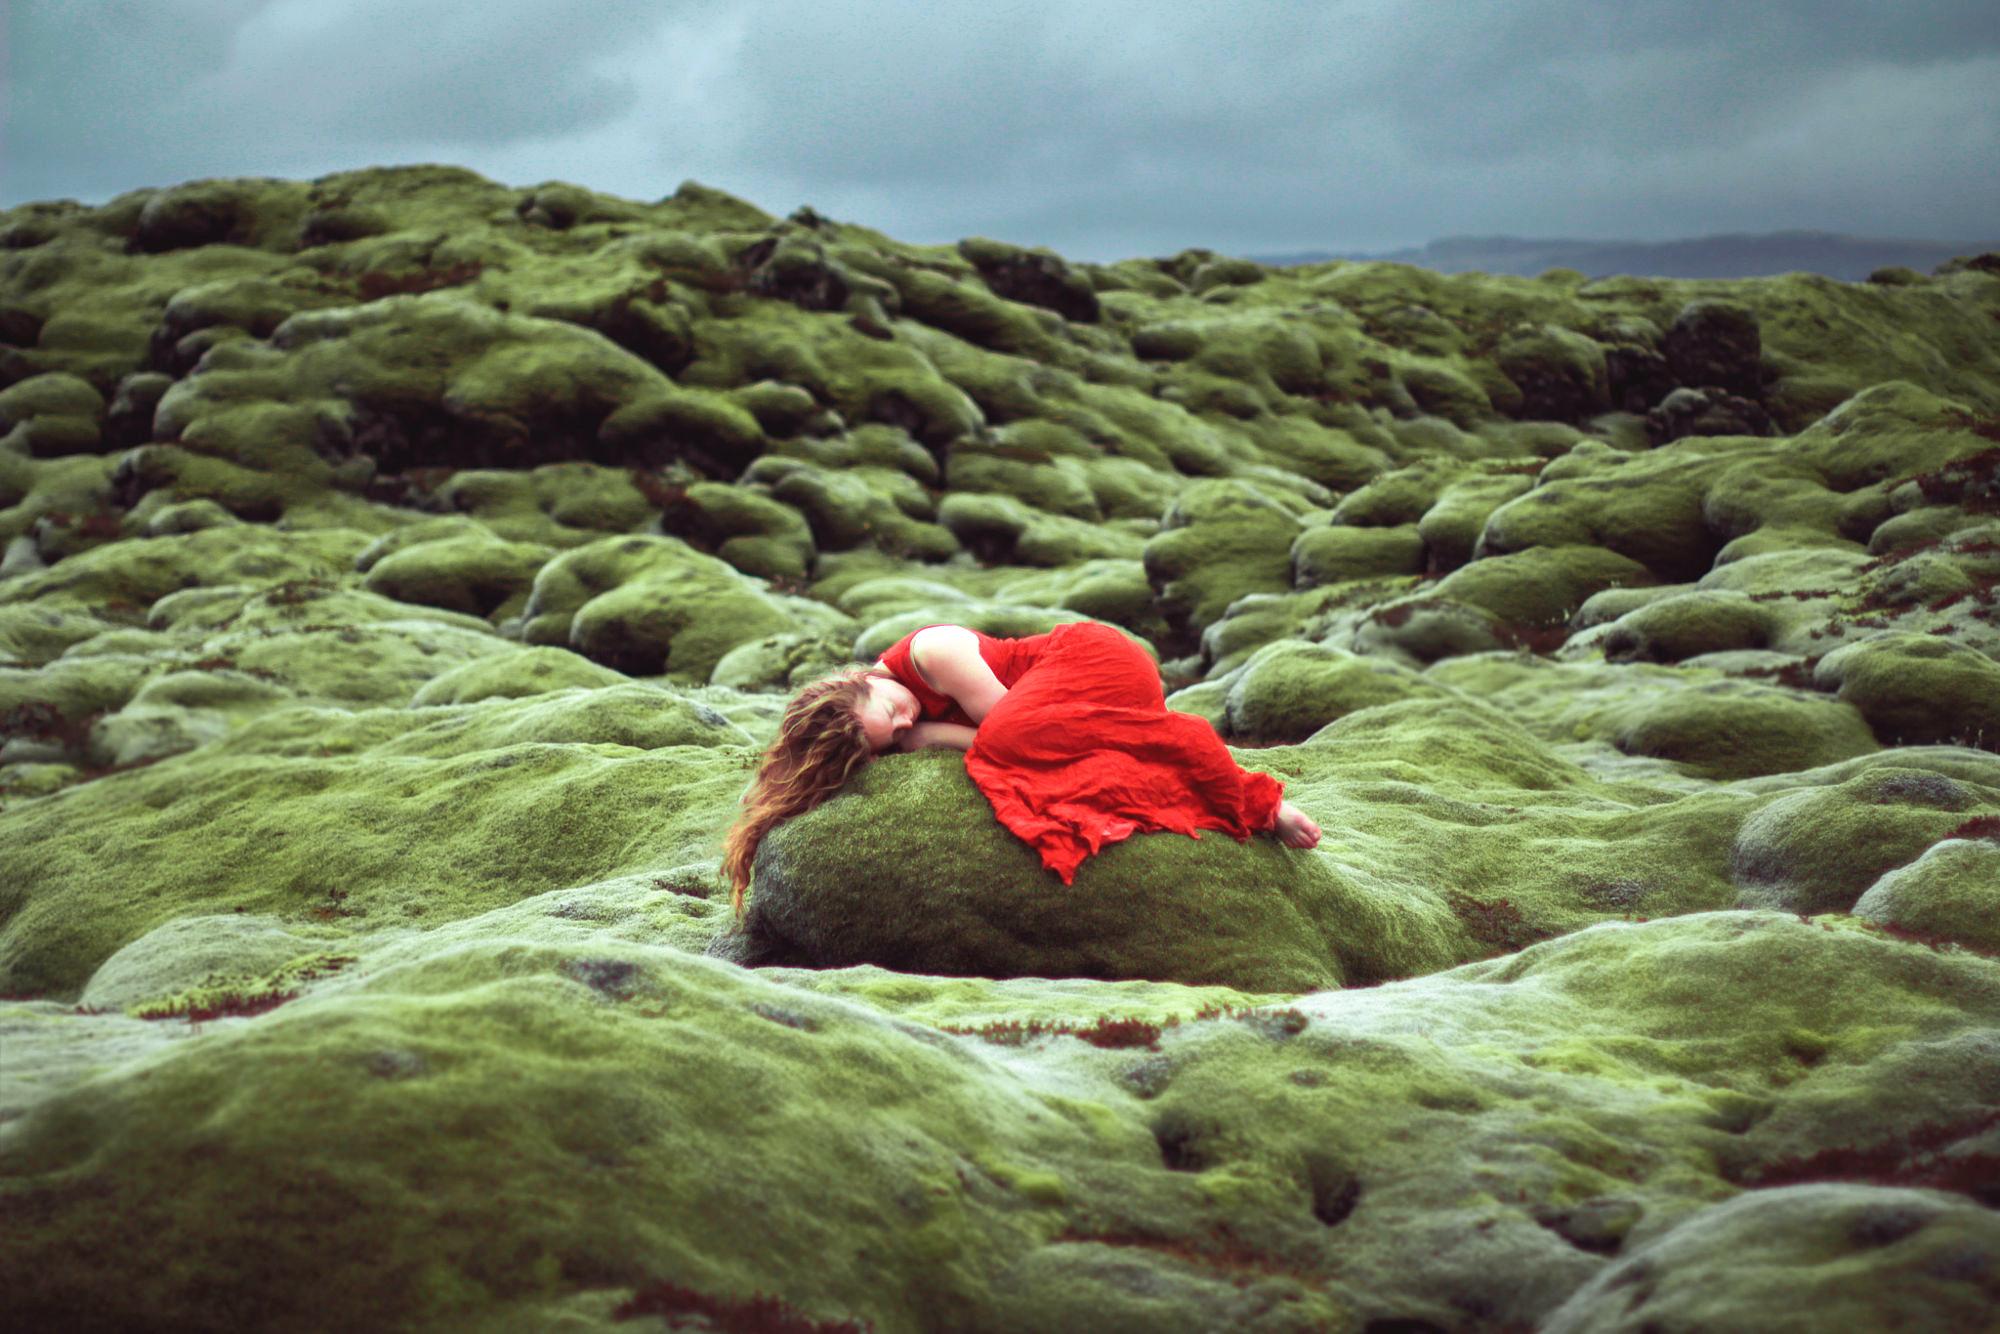 херд к чему снится фотографировать красивые горы стойки амортизатора